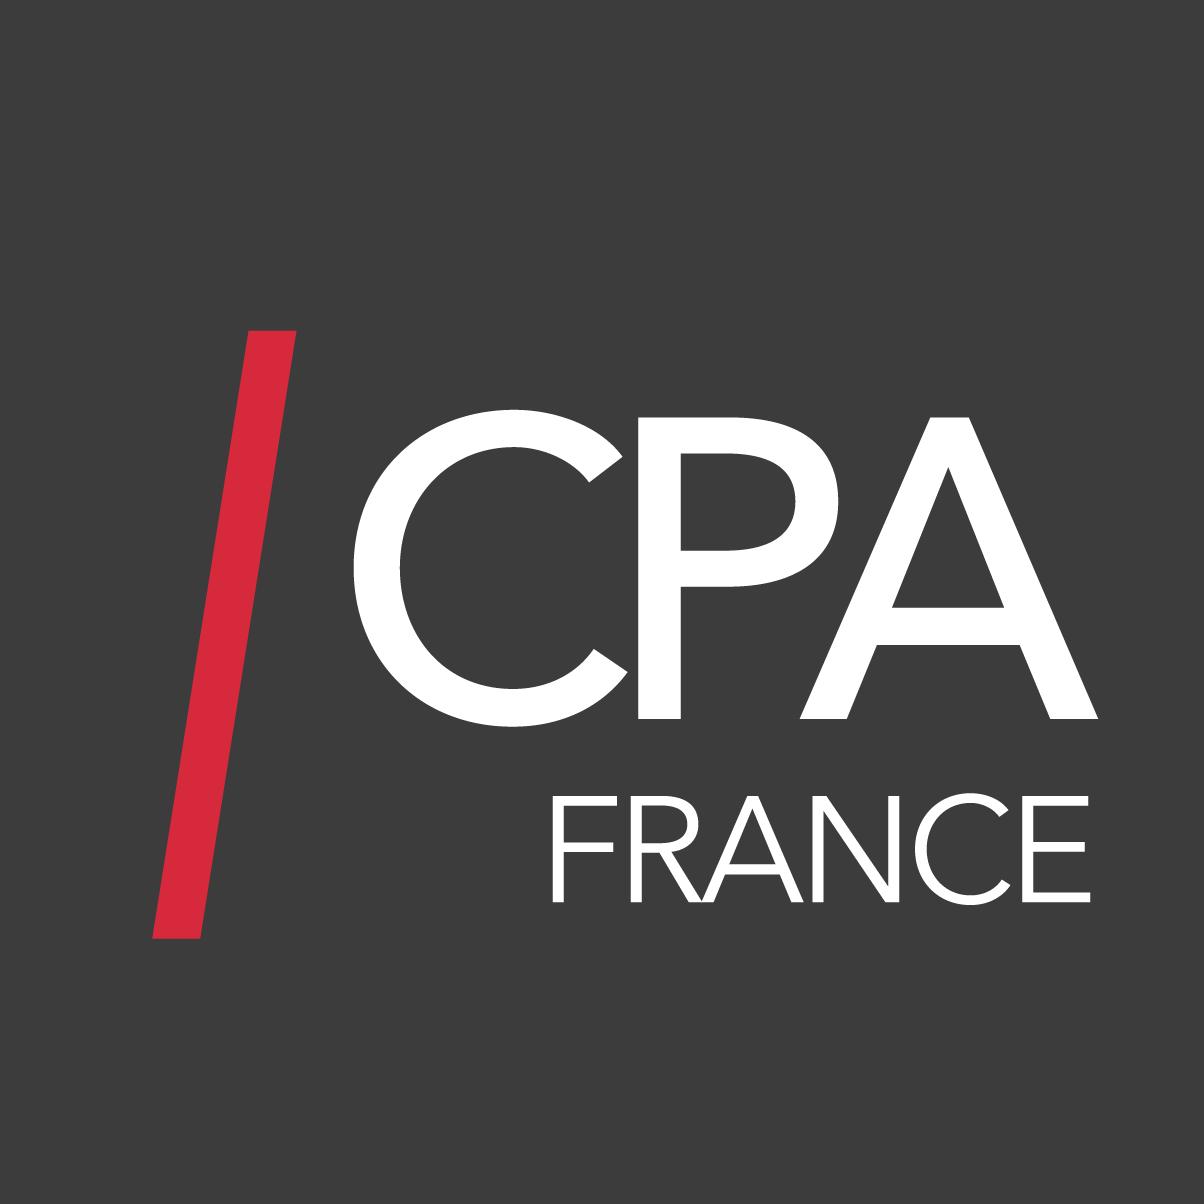 CPA : Formation Chef d'entreprise, Dirigeant, formation Directeur Général, Master entrepreneuriat